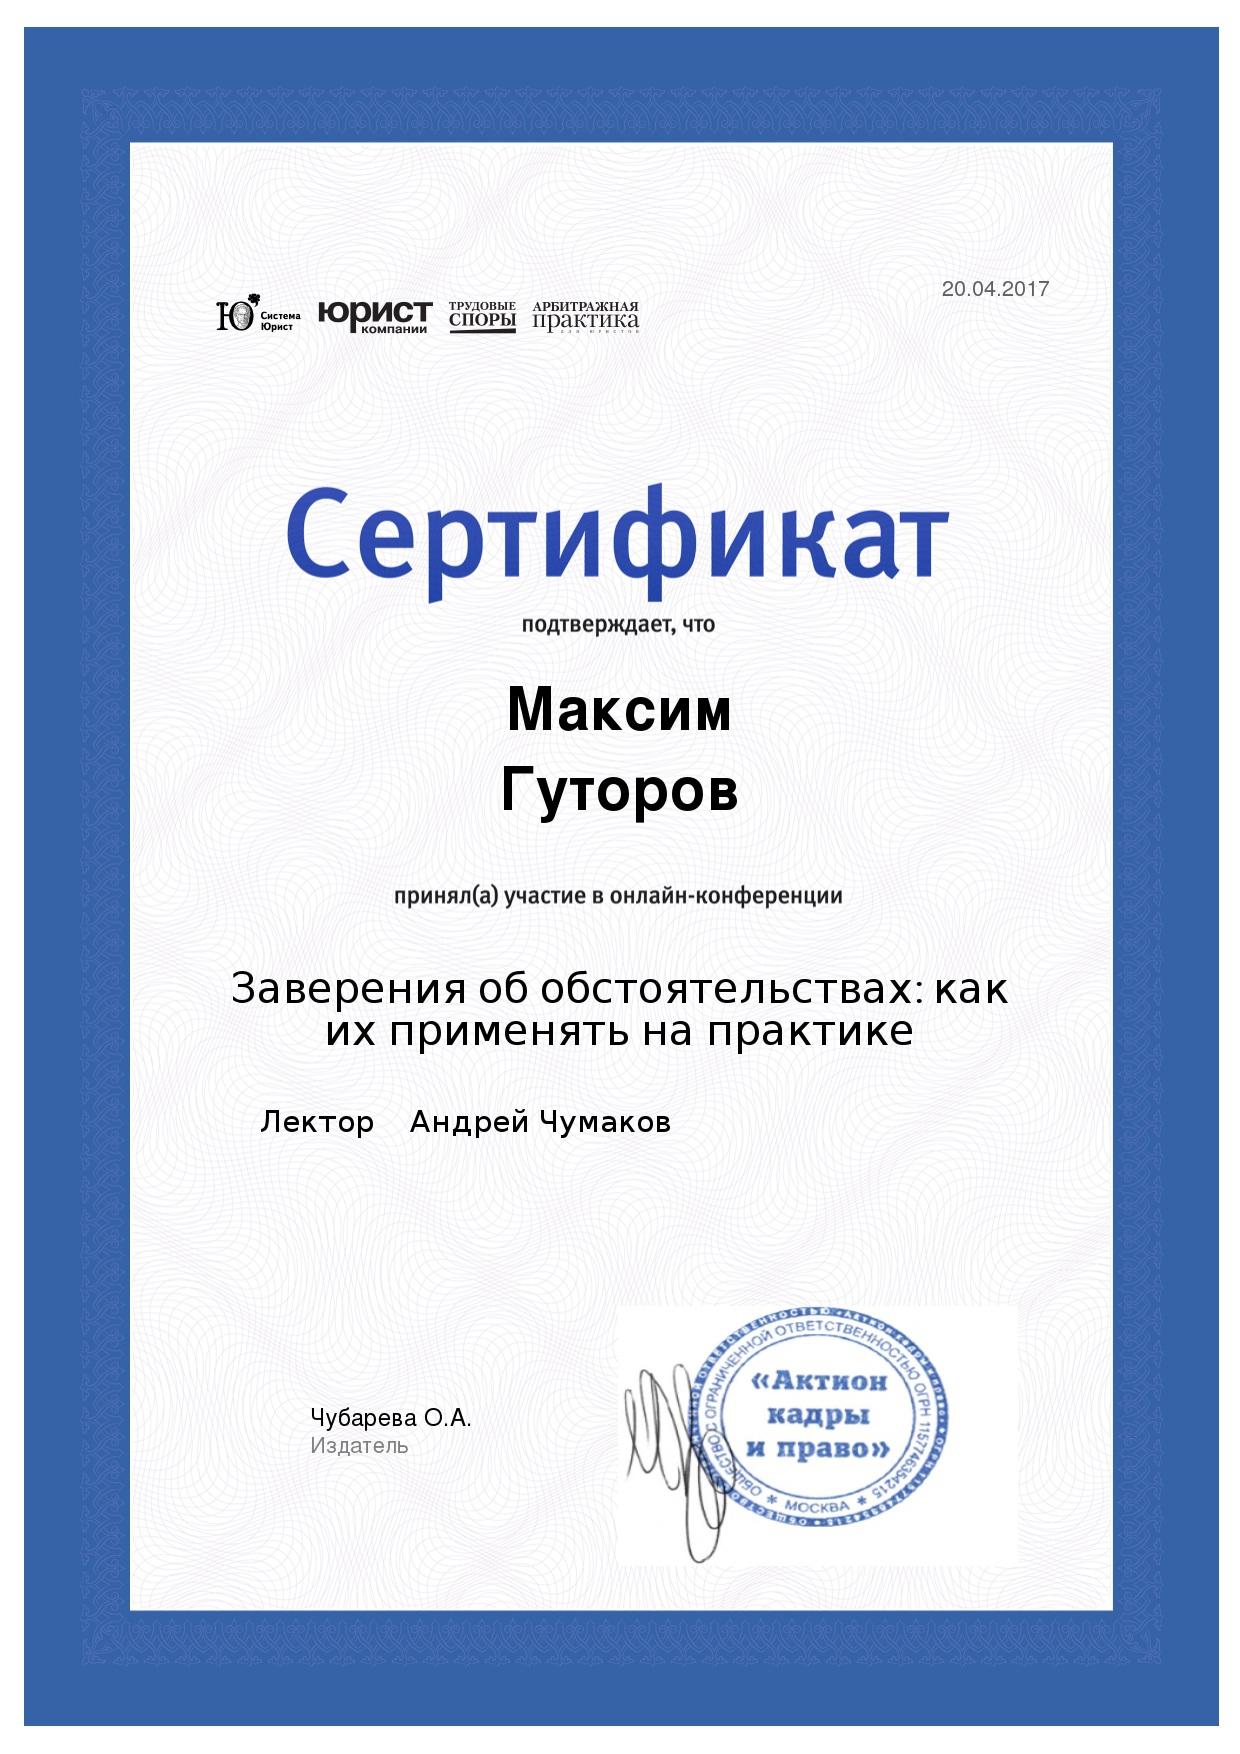 Адвокат Гуторов М.С. - 0025